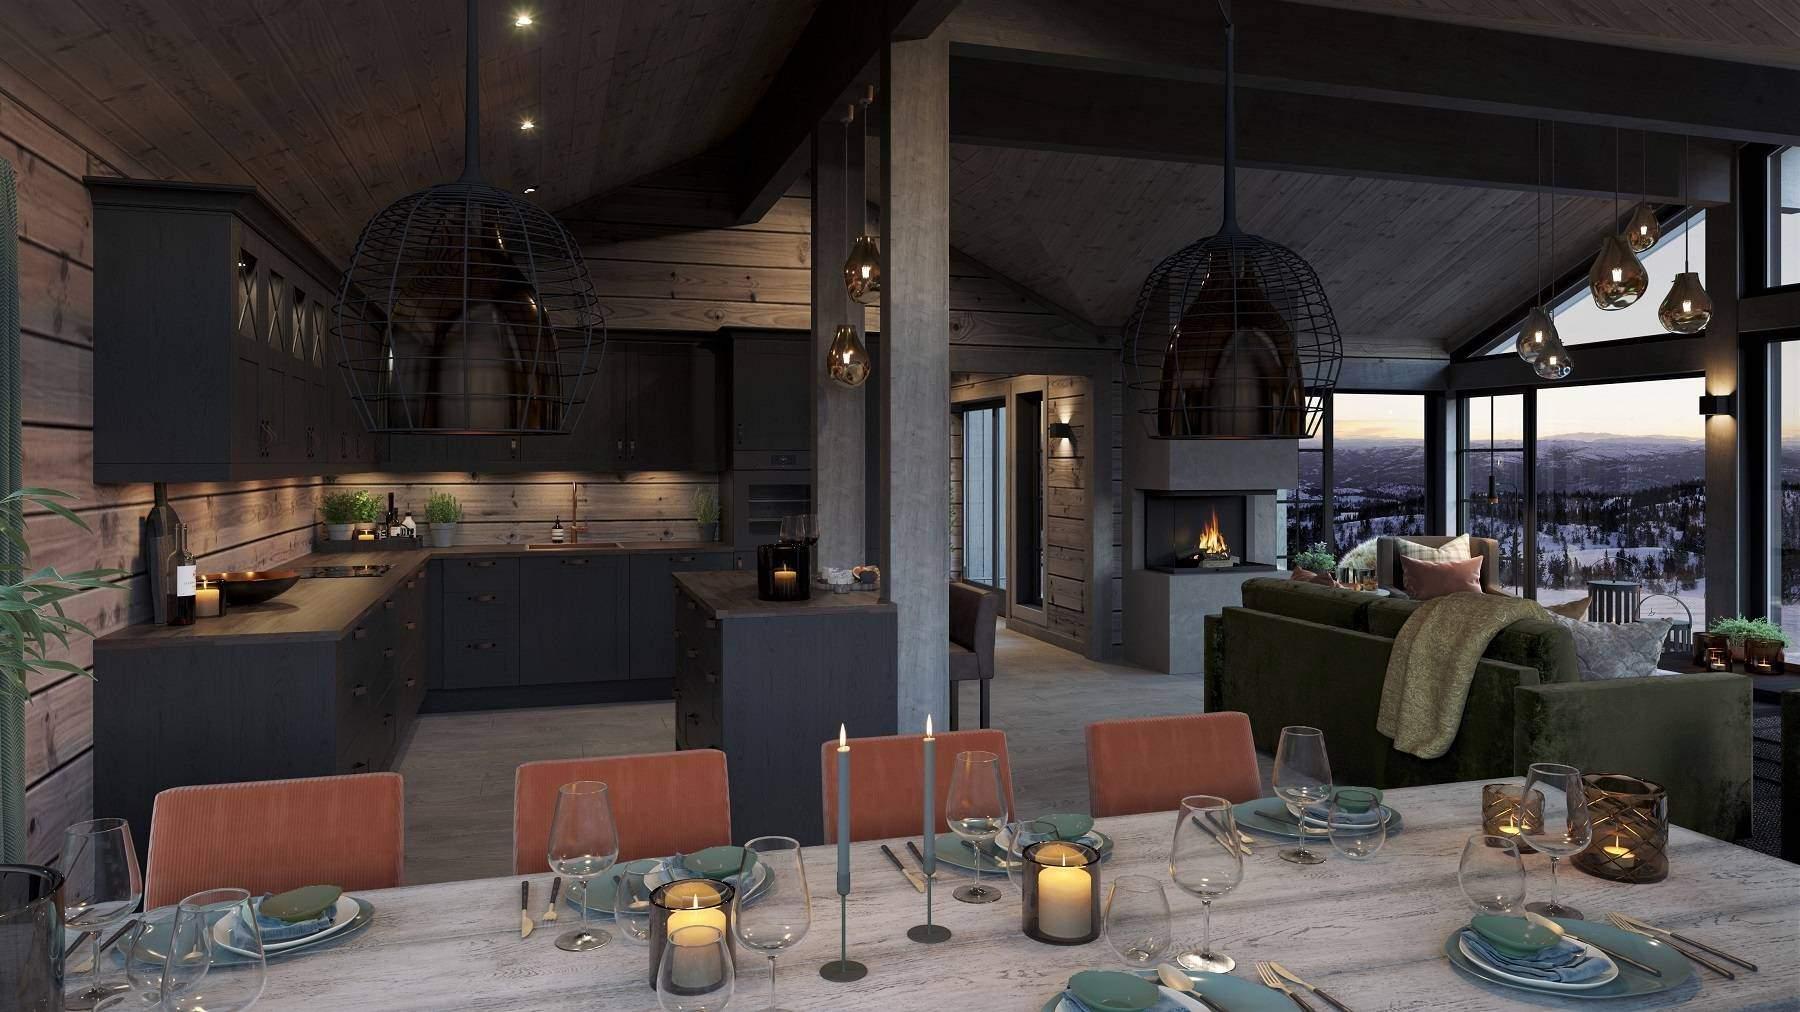 181 Fra spiseplassen med åpen synsrand mot peisilden og stuas utsiktsvinduer. Hyttemodell Geilo 155